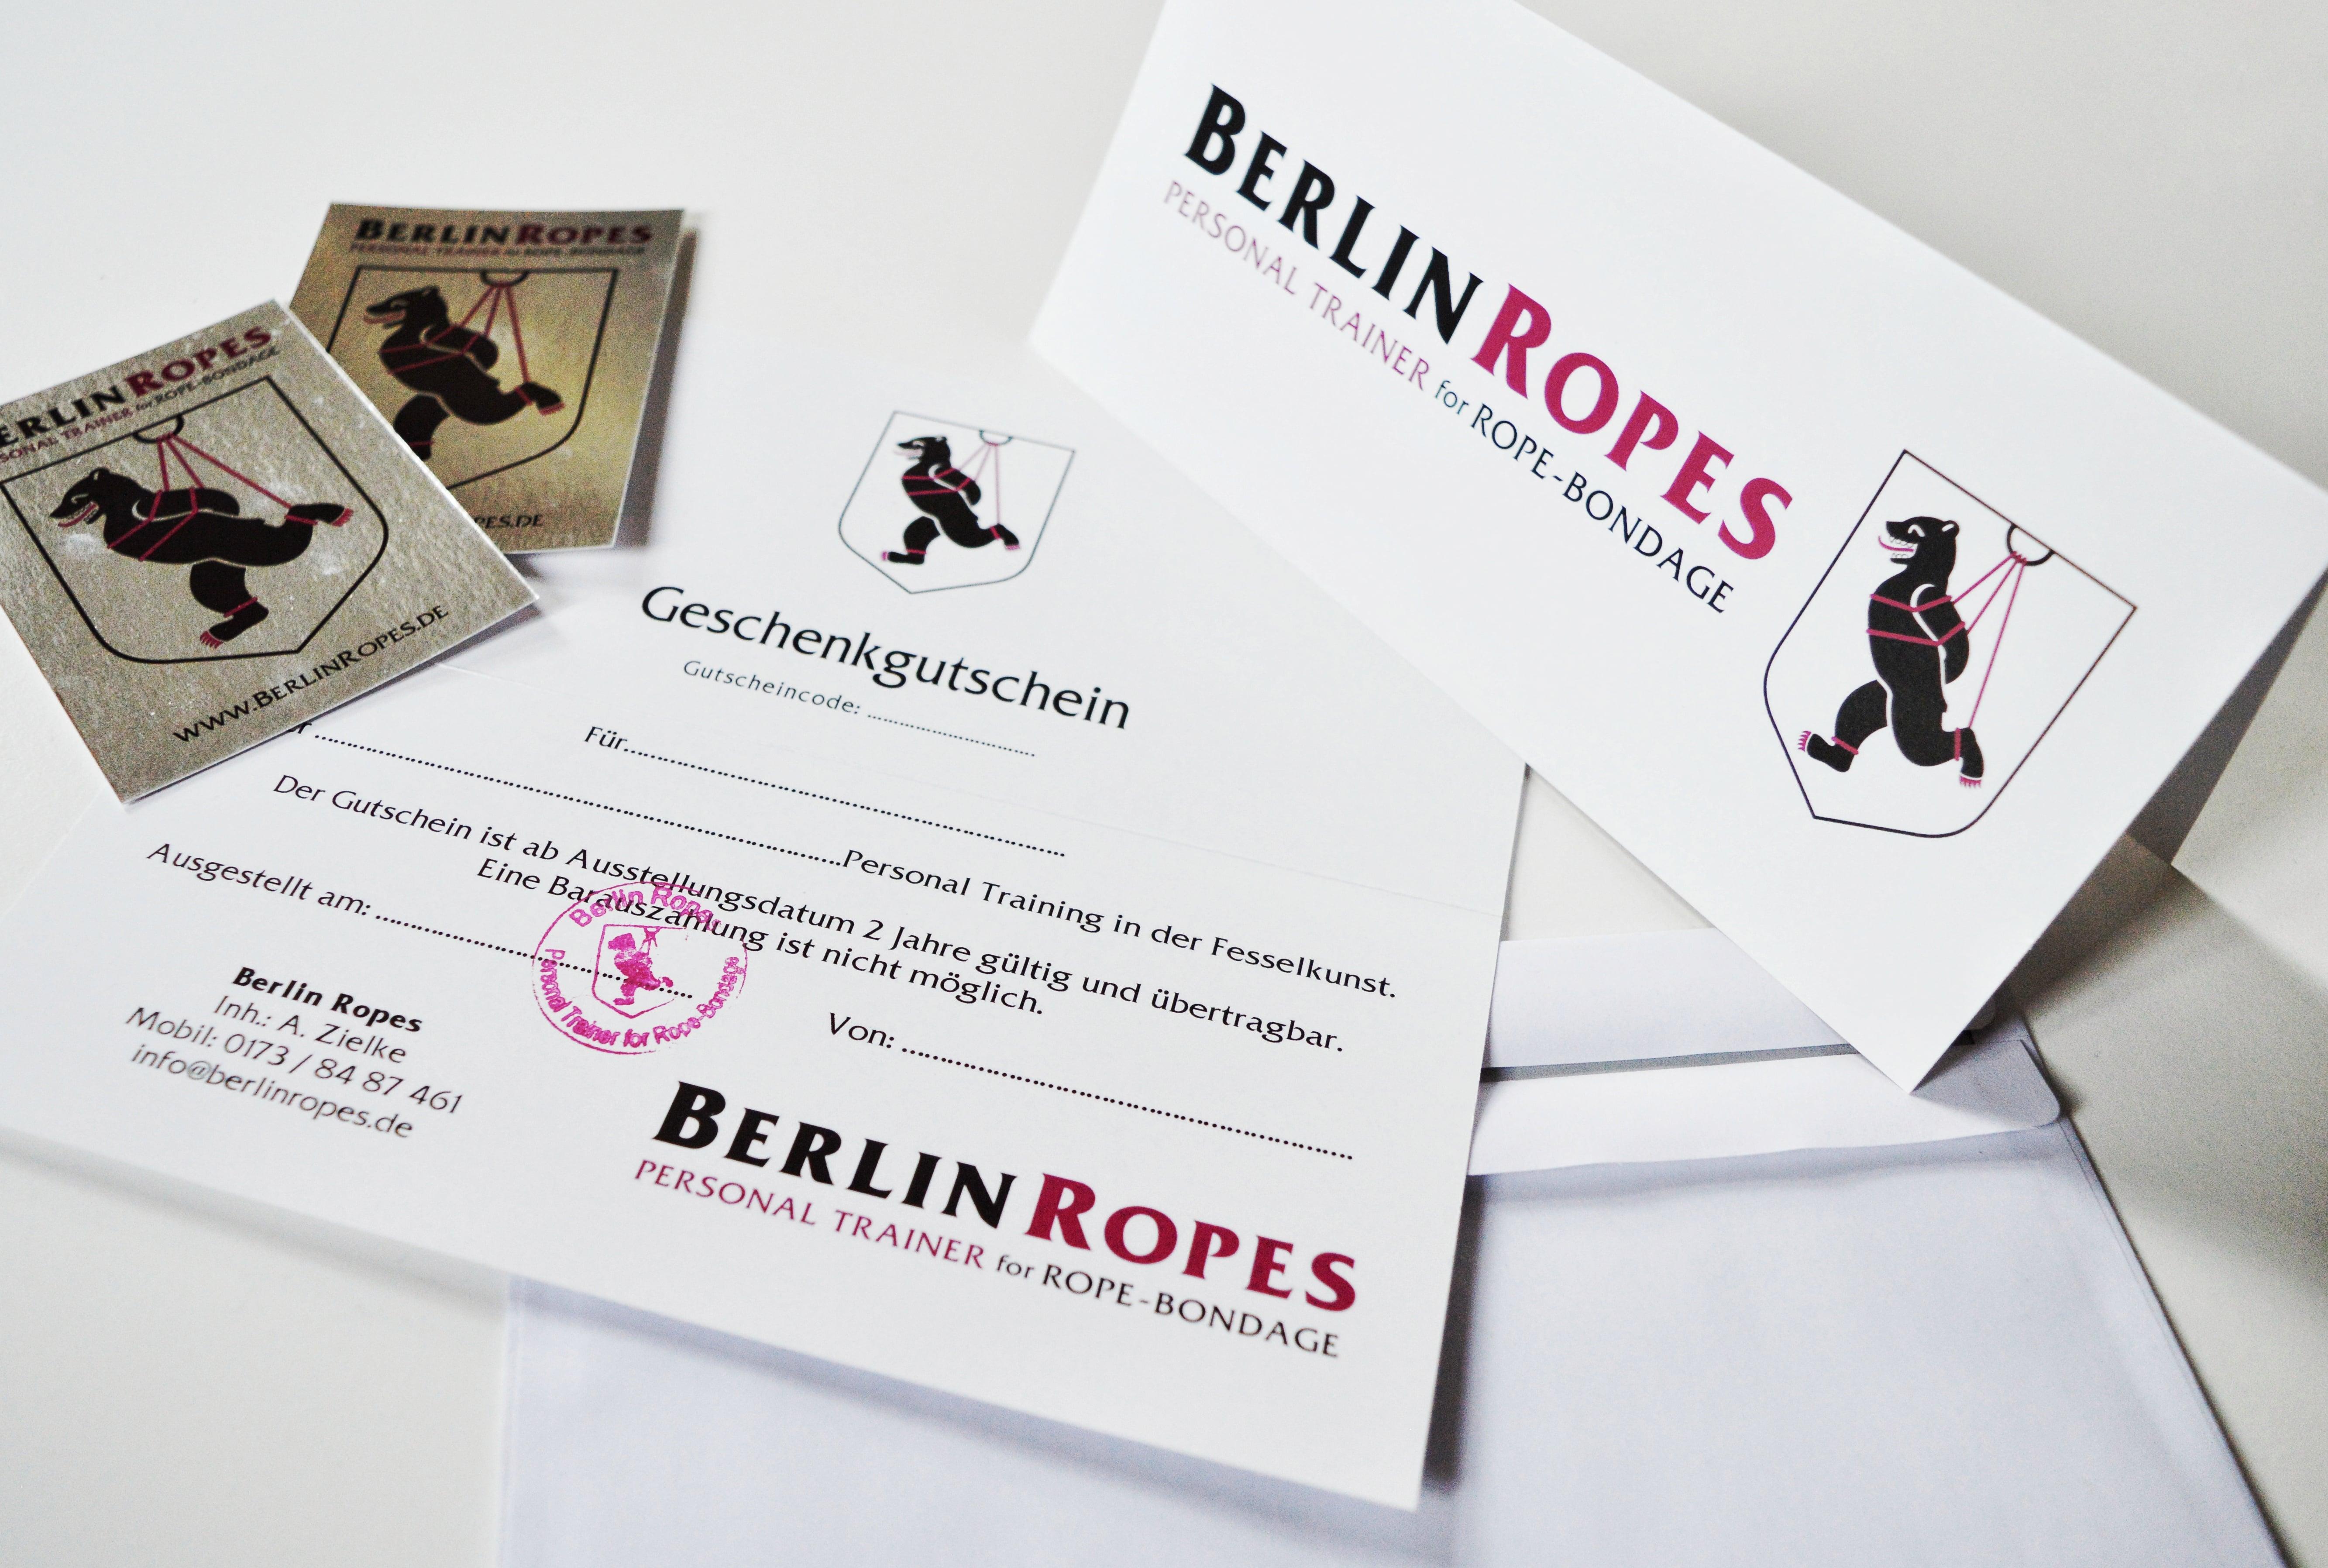 Bondage kurs berlin